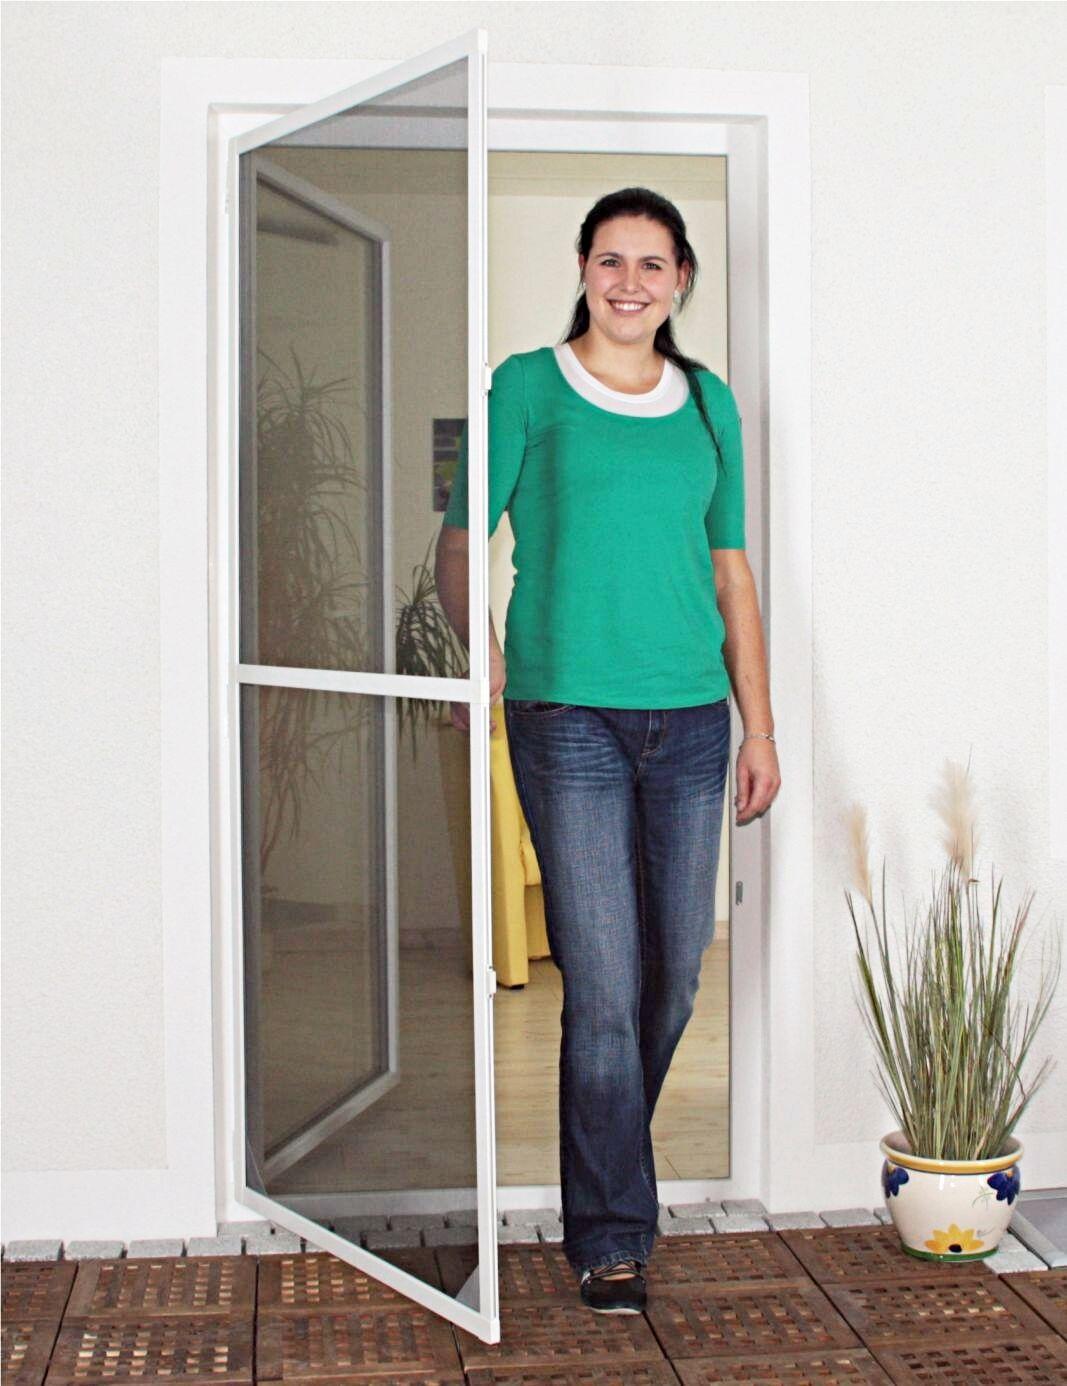 Fliegengitter Insektenschutz Tür Alu Profi Rahmen Neu 4 Größen weiß o. braun | Erste Kunden Eine Vollständige Palette Von Spezifikationen  | Verwendet in der Haltbarkeit  | Sonderkauf  | Verkauf